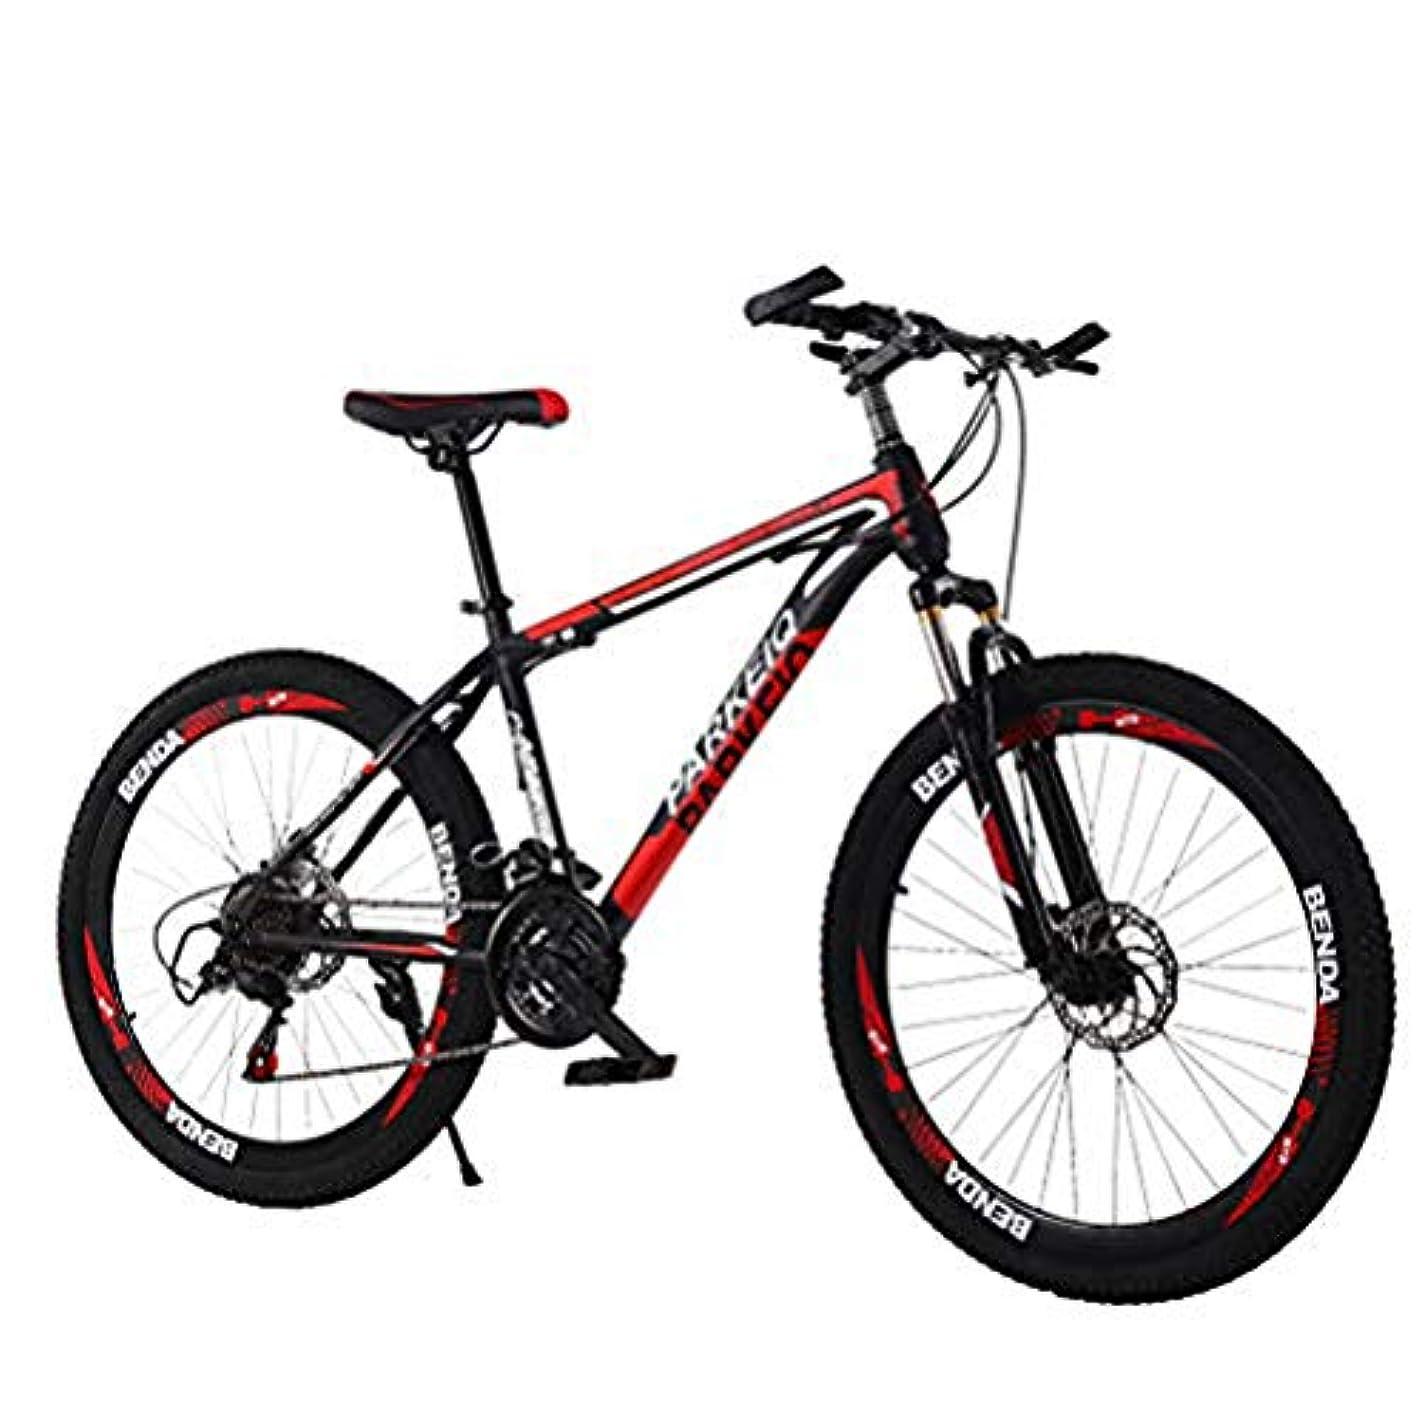 遵守する満了経験的折りたたみ式 マウンテンバイク 子供のための、ミニポータブル Mtb自転車 スチールVブレーキ付き そして鋼鉄折るフレーム マウンテン自転車 8-15歳 クイックフォールド